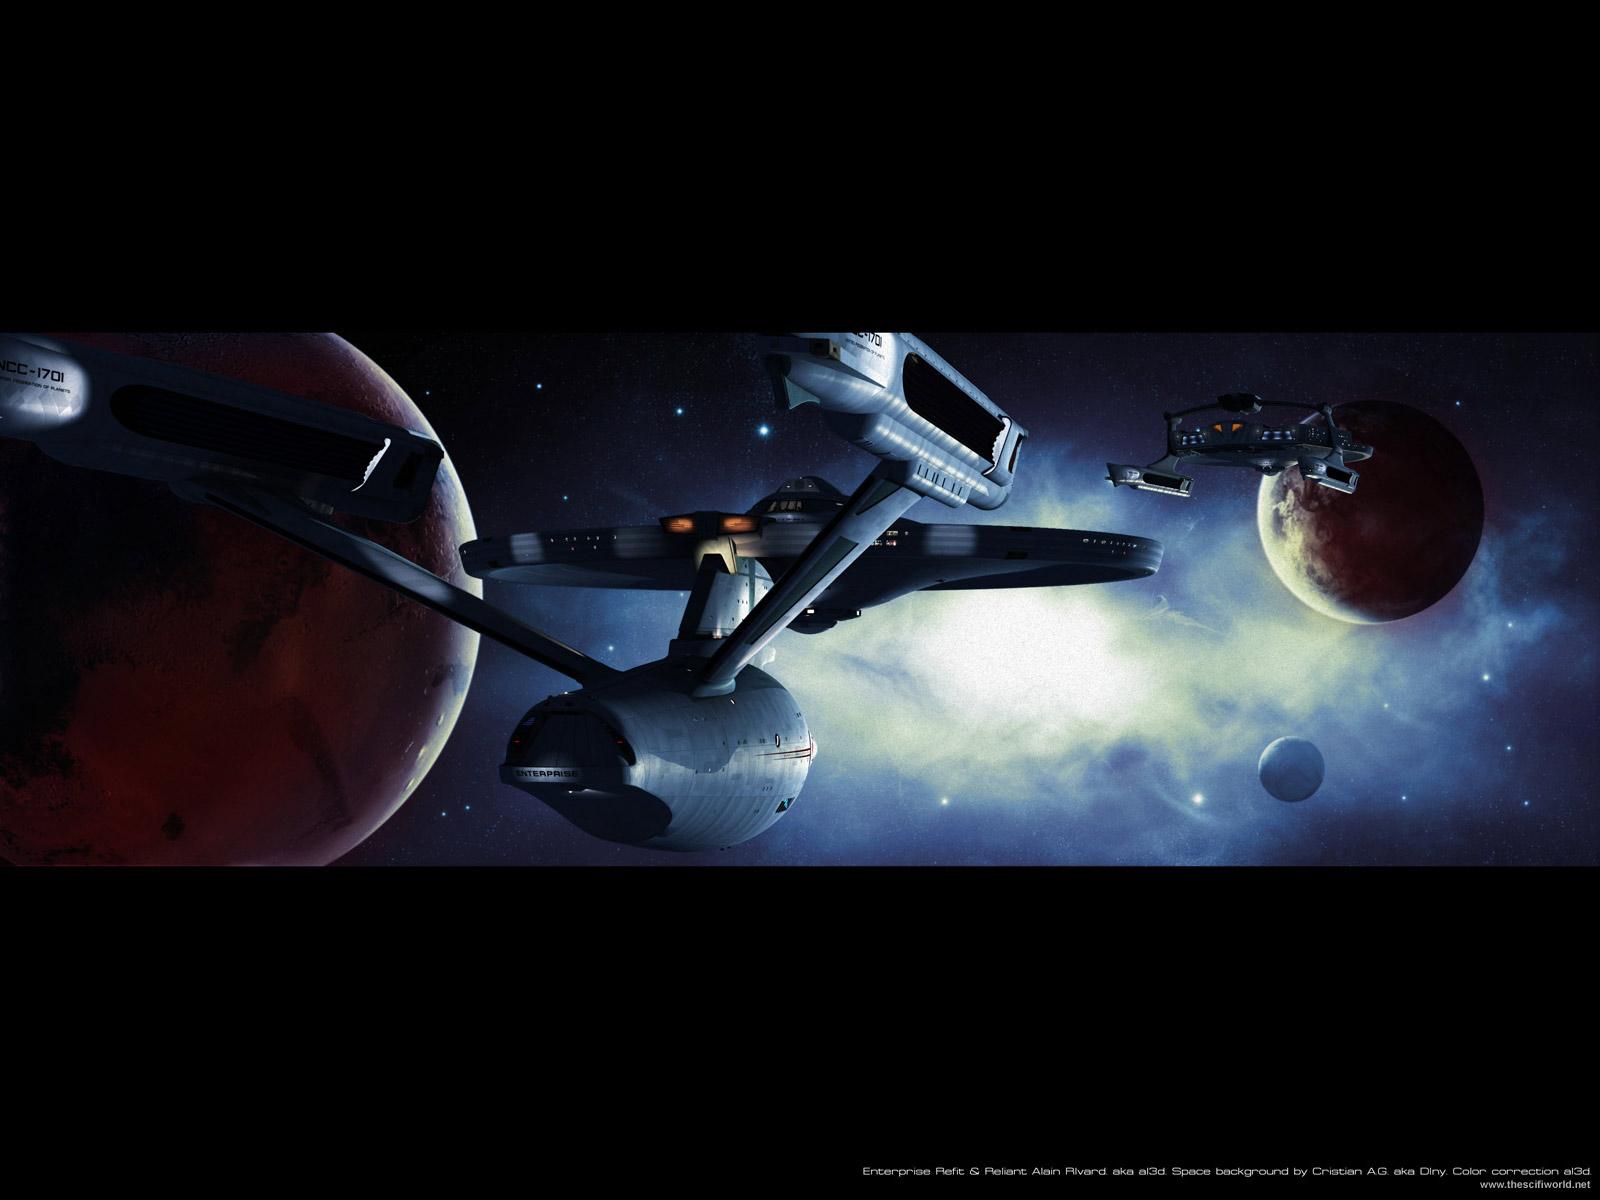 Star Trek Starships Enterprise and Reliant on patrol   Star Trek 1600x1200